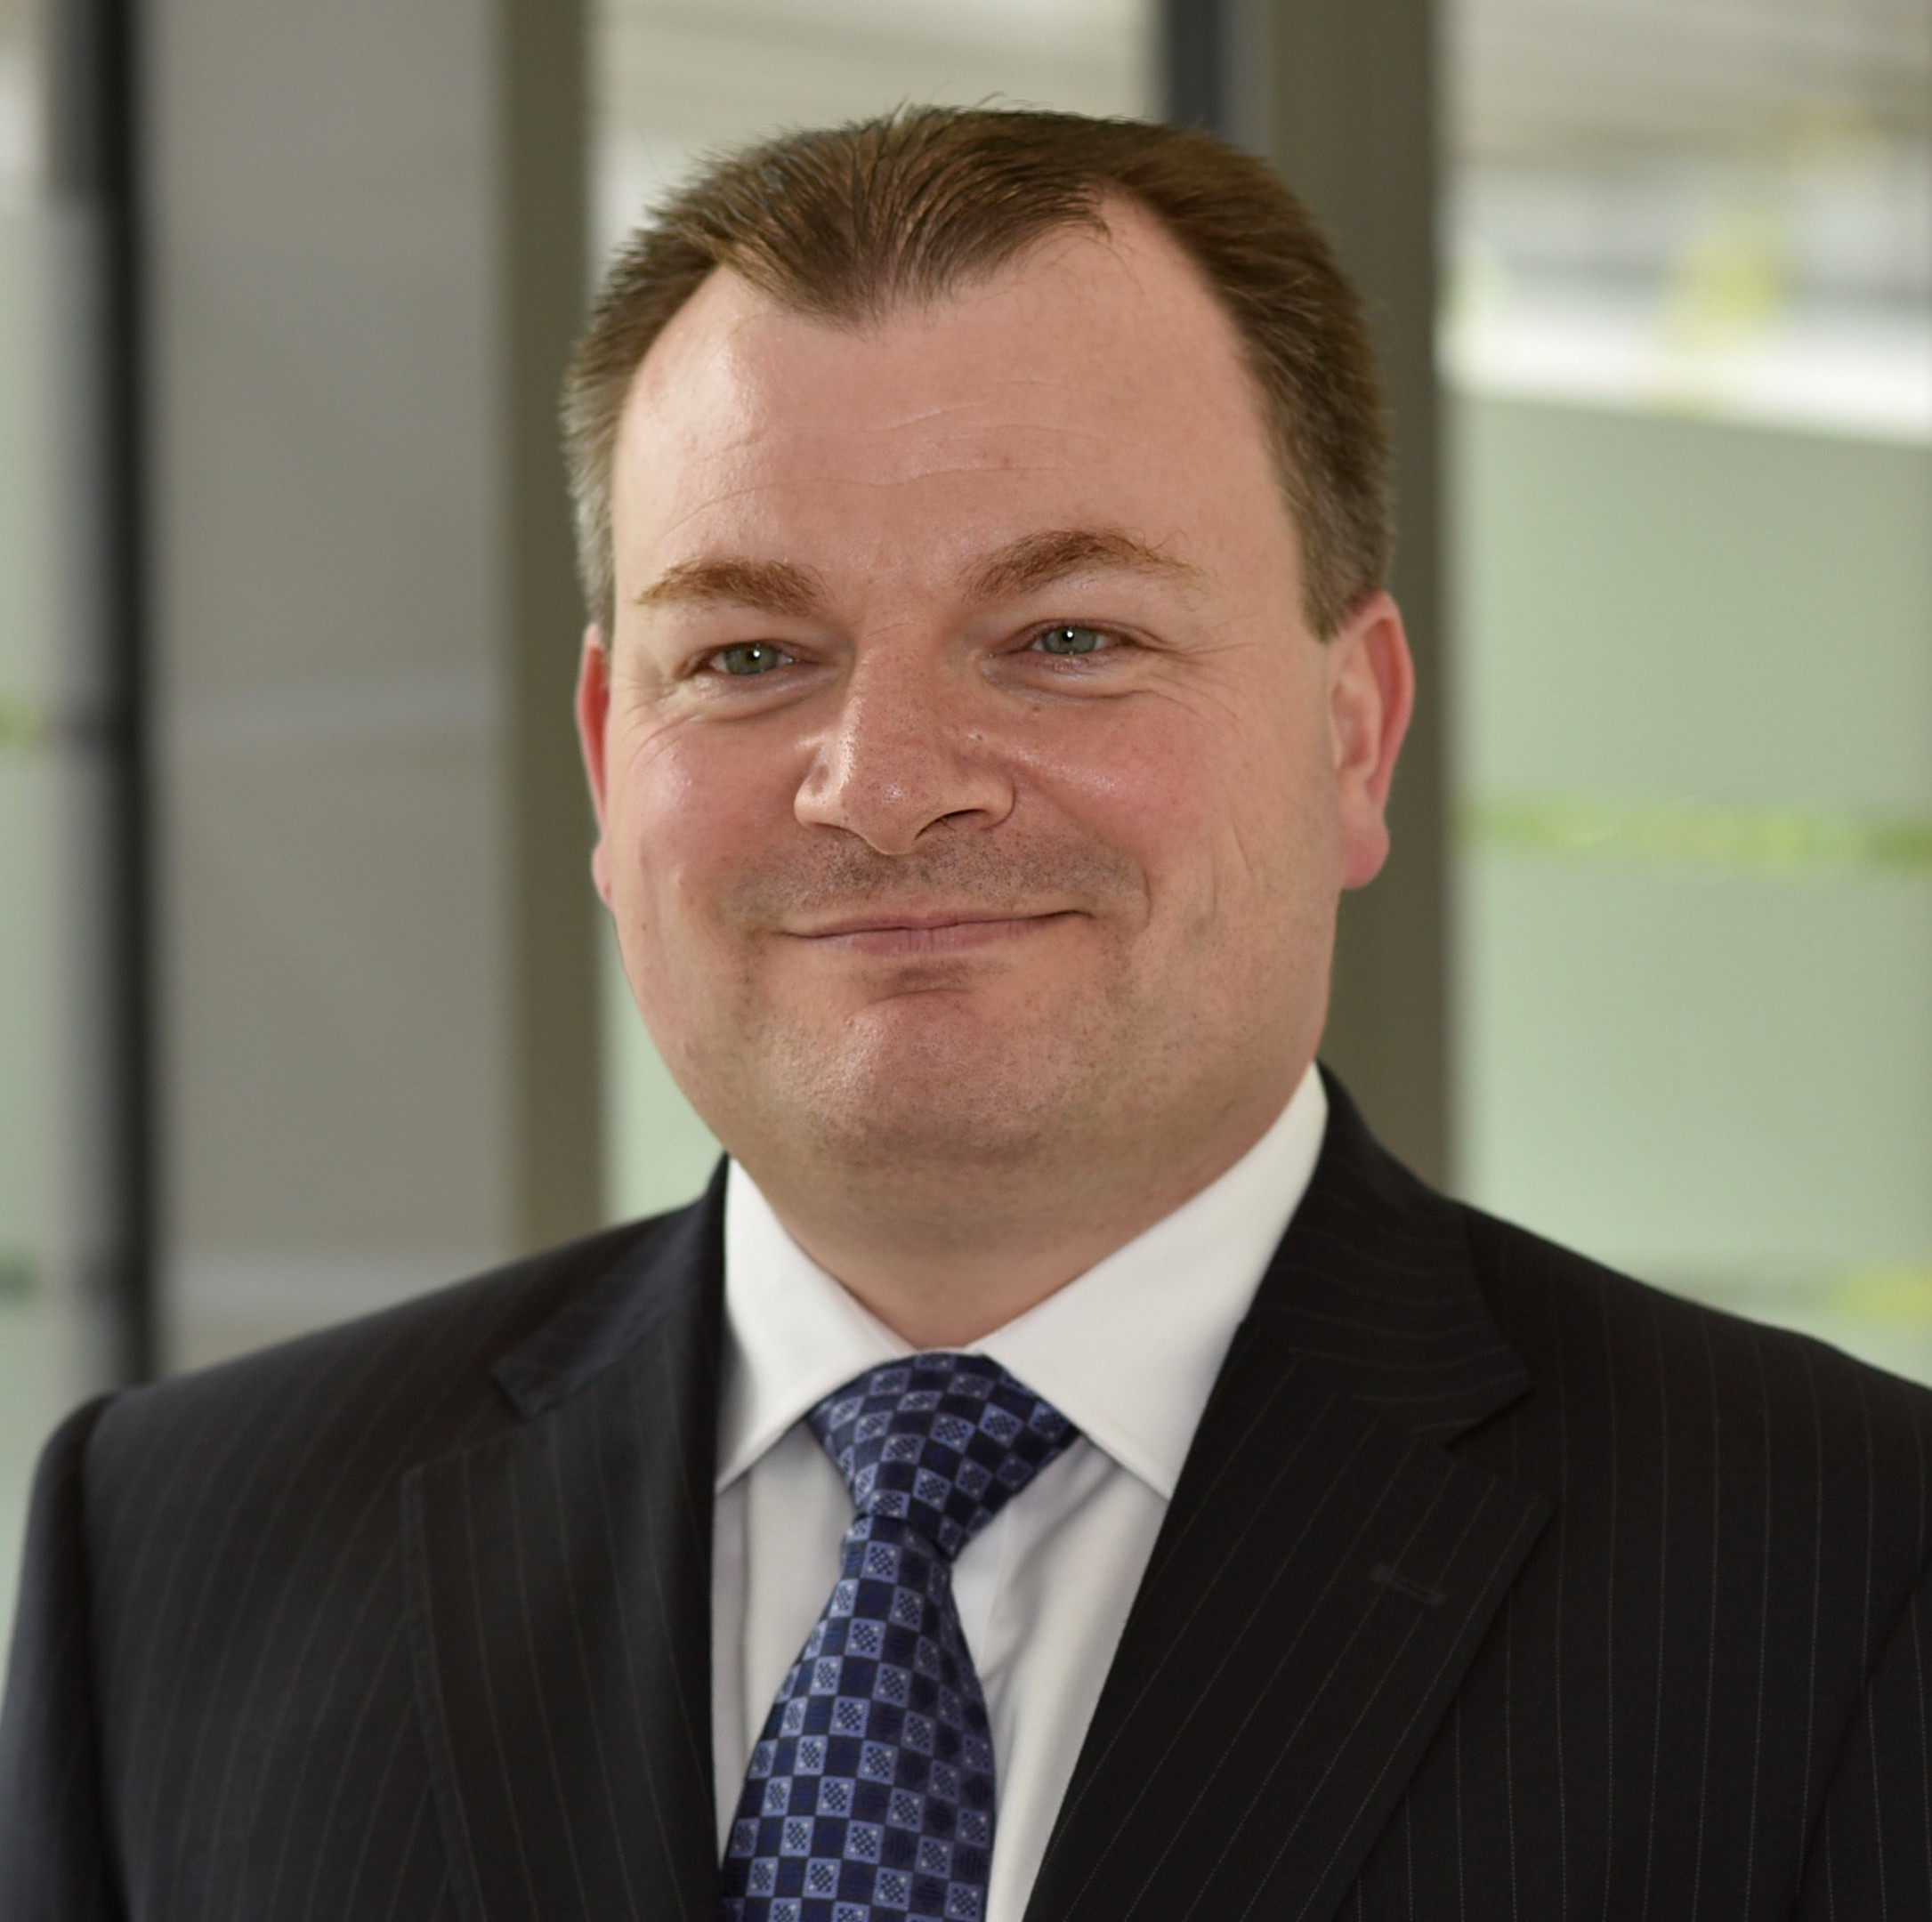 Nick Clark from Deloitte